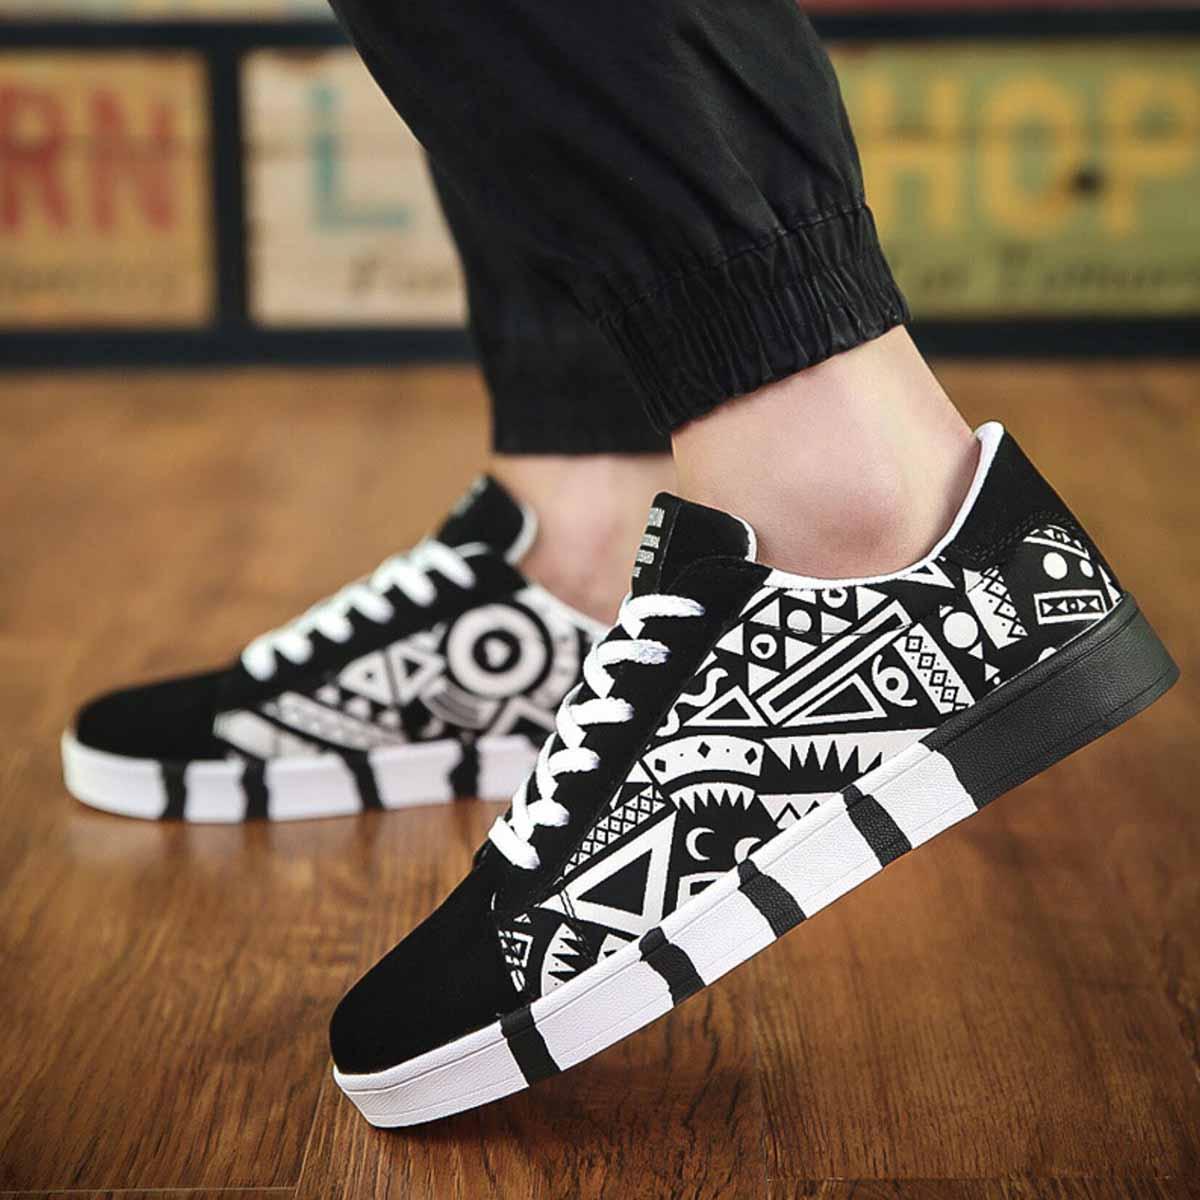 8e1deeb480eec De los hombres de moda Graffiti superficial de lona zapatillas de deporte  casuales de vulcanizados zapato de plataforma de hip hop de pista zapatos  en ...